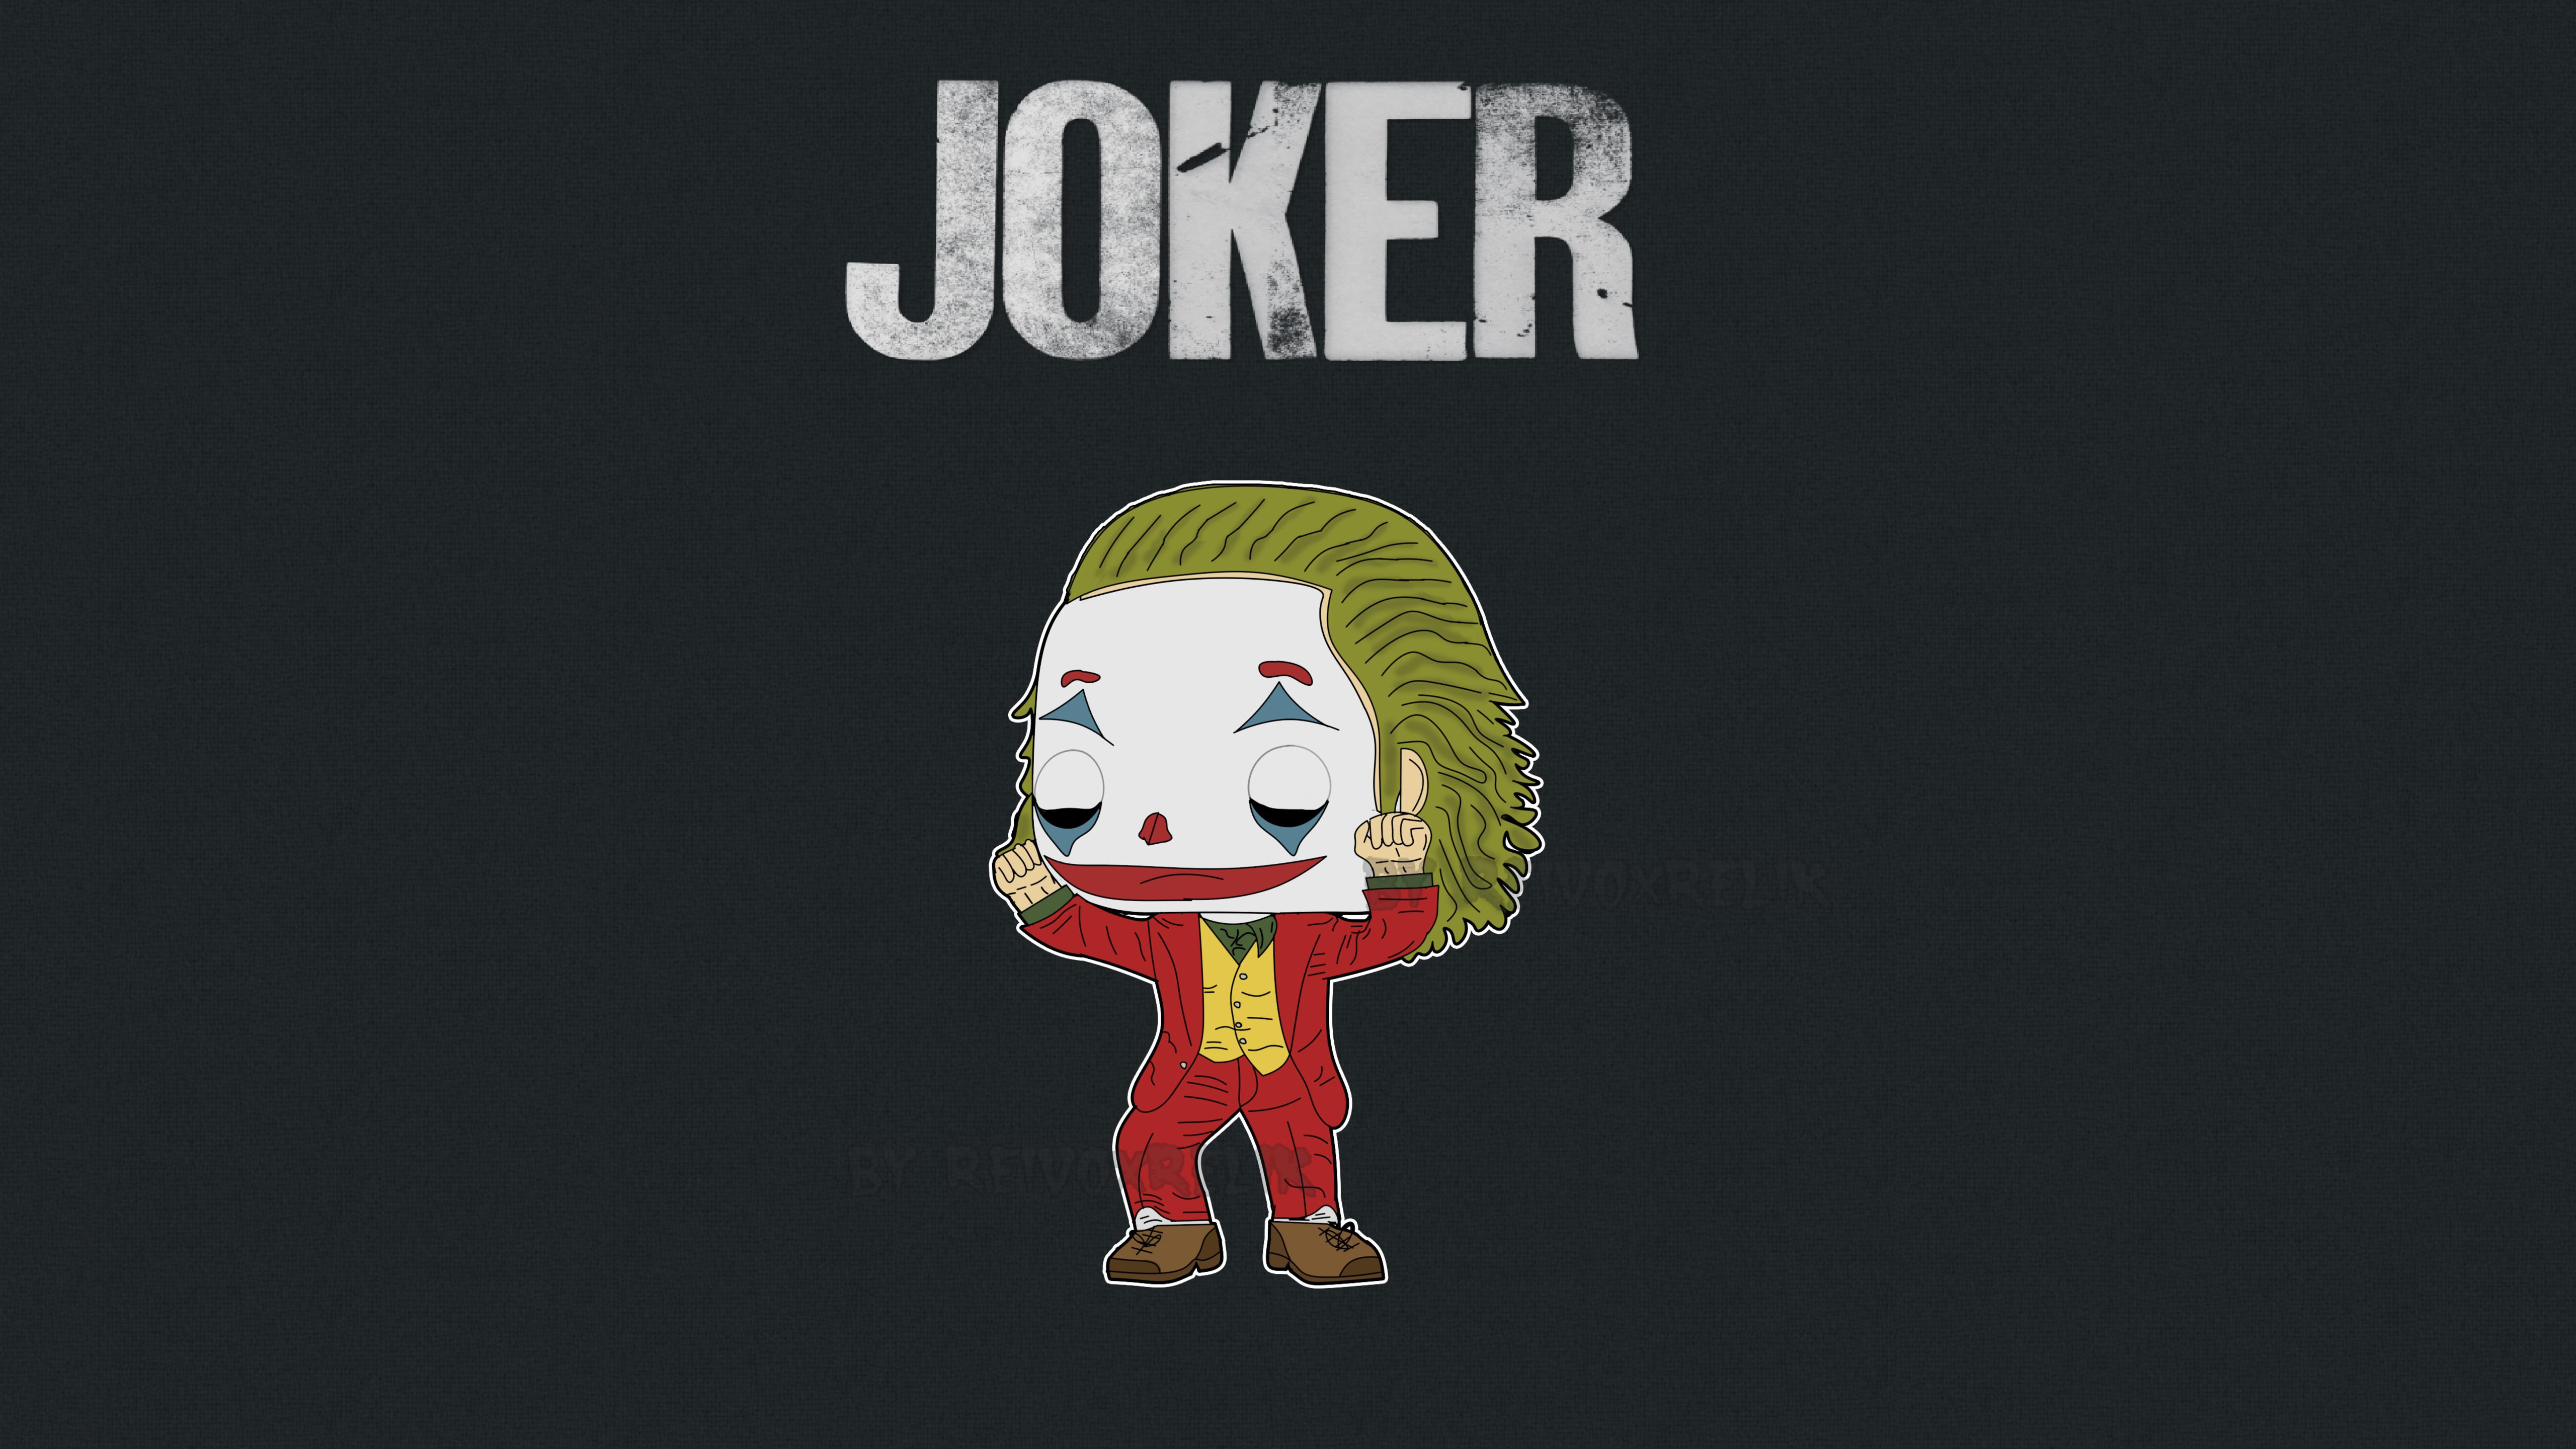 little-joker-bj.jpg